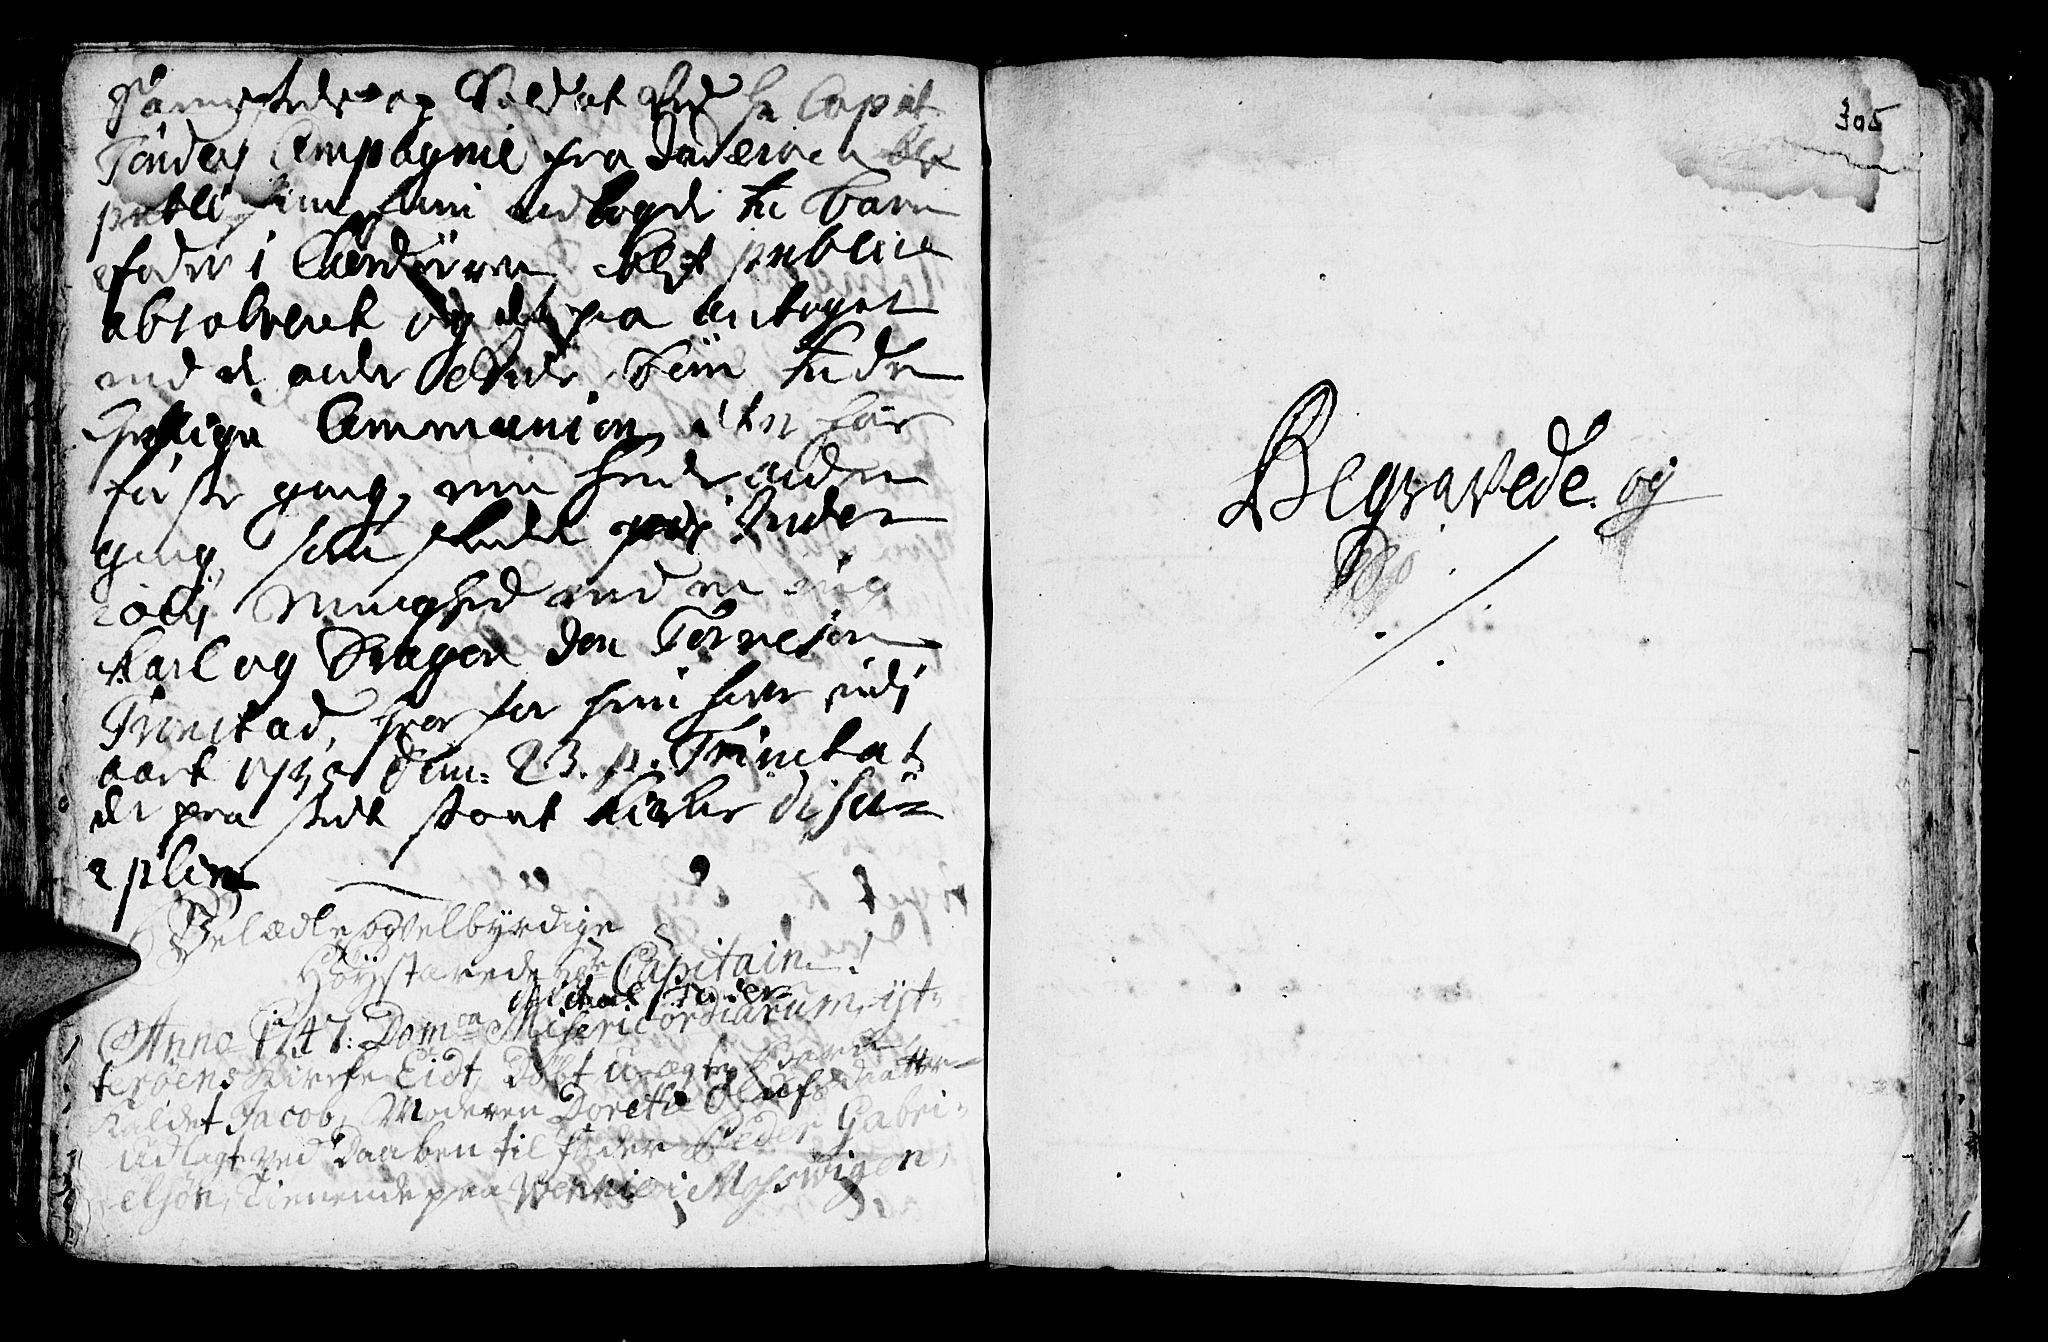 SAT, Ministerialprotokoller, klokkerbøker og fødselsregistre - Nord-Trøndelag, 722/L0215: Ministerialbok nr. 722A02, 1718-1755, s. 305